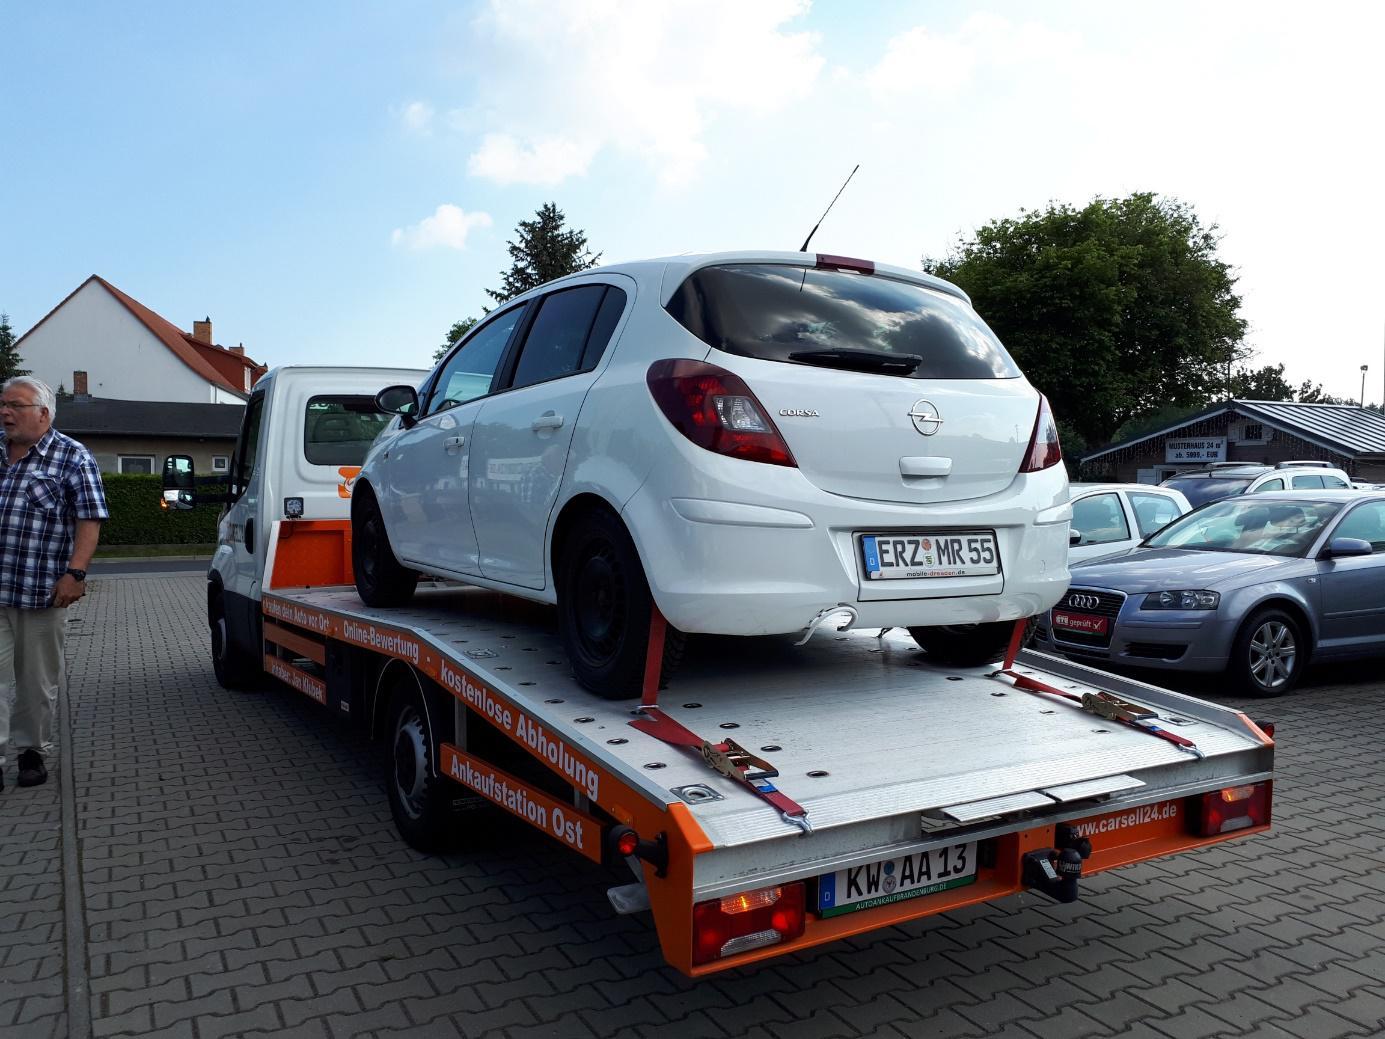 Auto Online Verkaufen. Auto Online Verkaufen Auto Online ganzes Auto Selbst Zusammenstellen Kostenlos